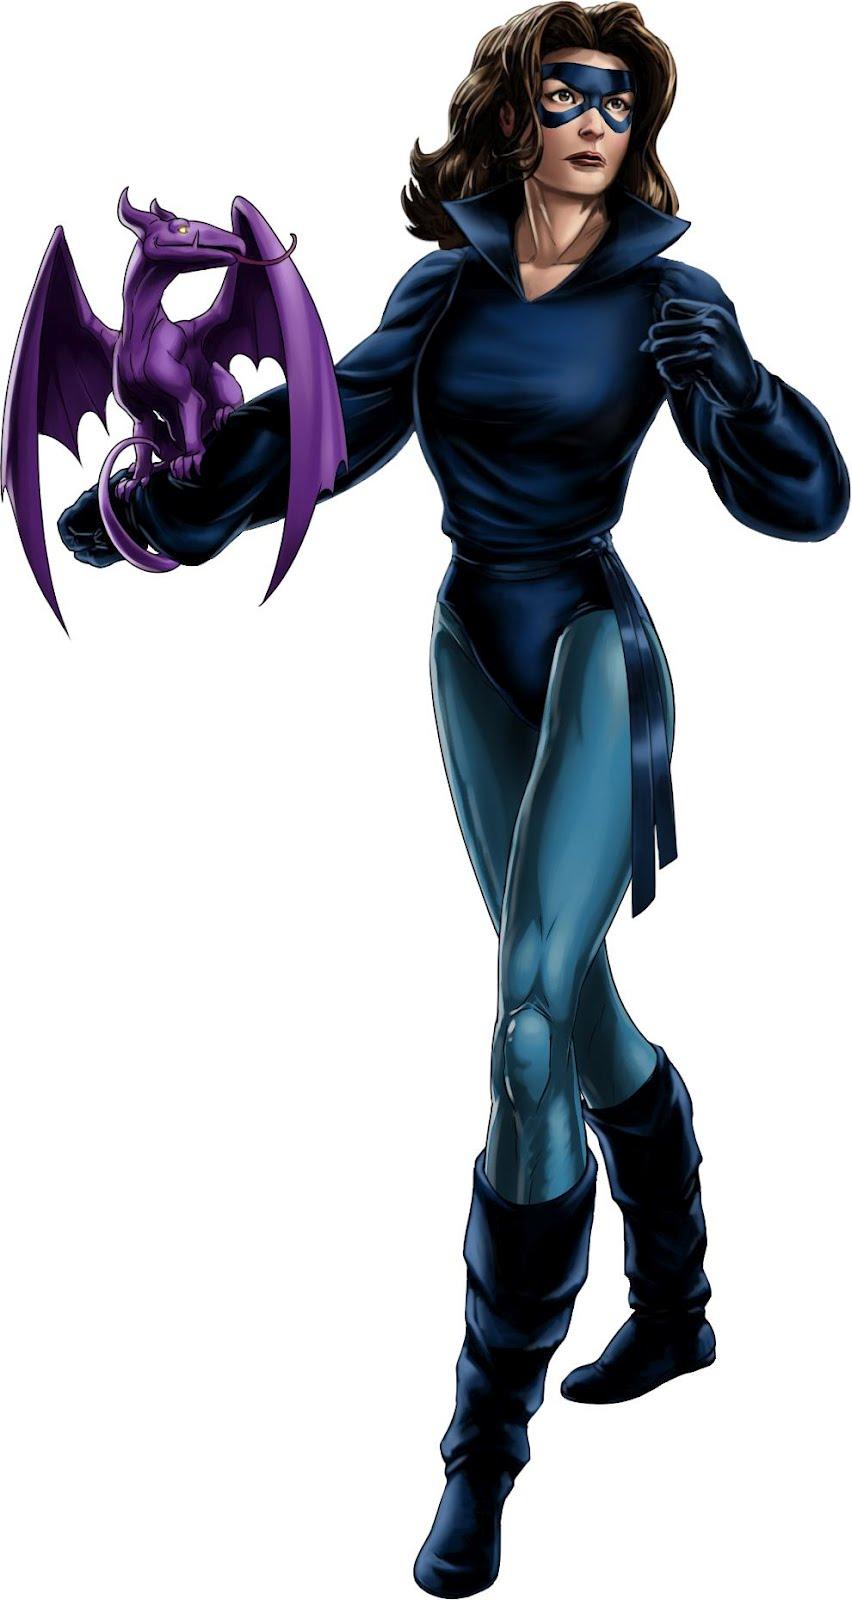 Designs for the ...X 23 Marvel Avengers Alliance